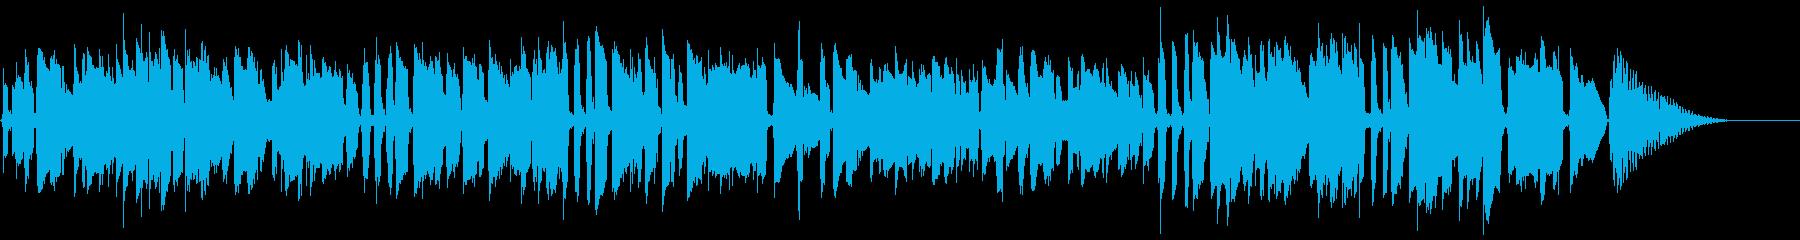 日常的な場面のBGMな雰囲気の再生済みの波形